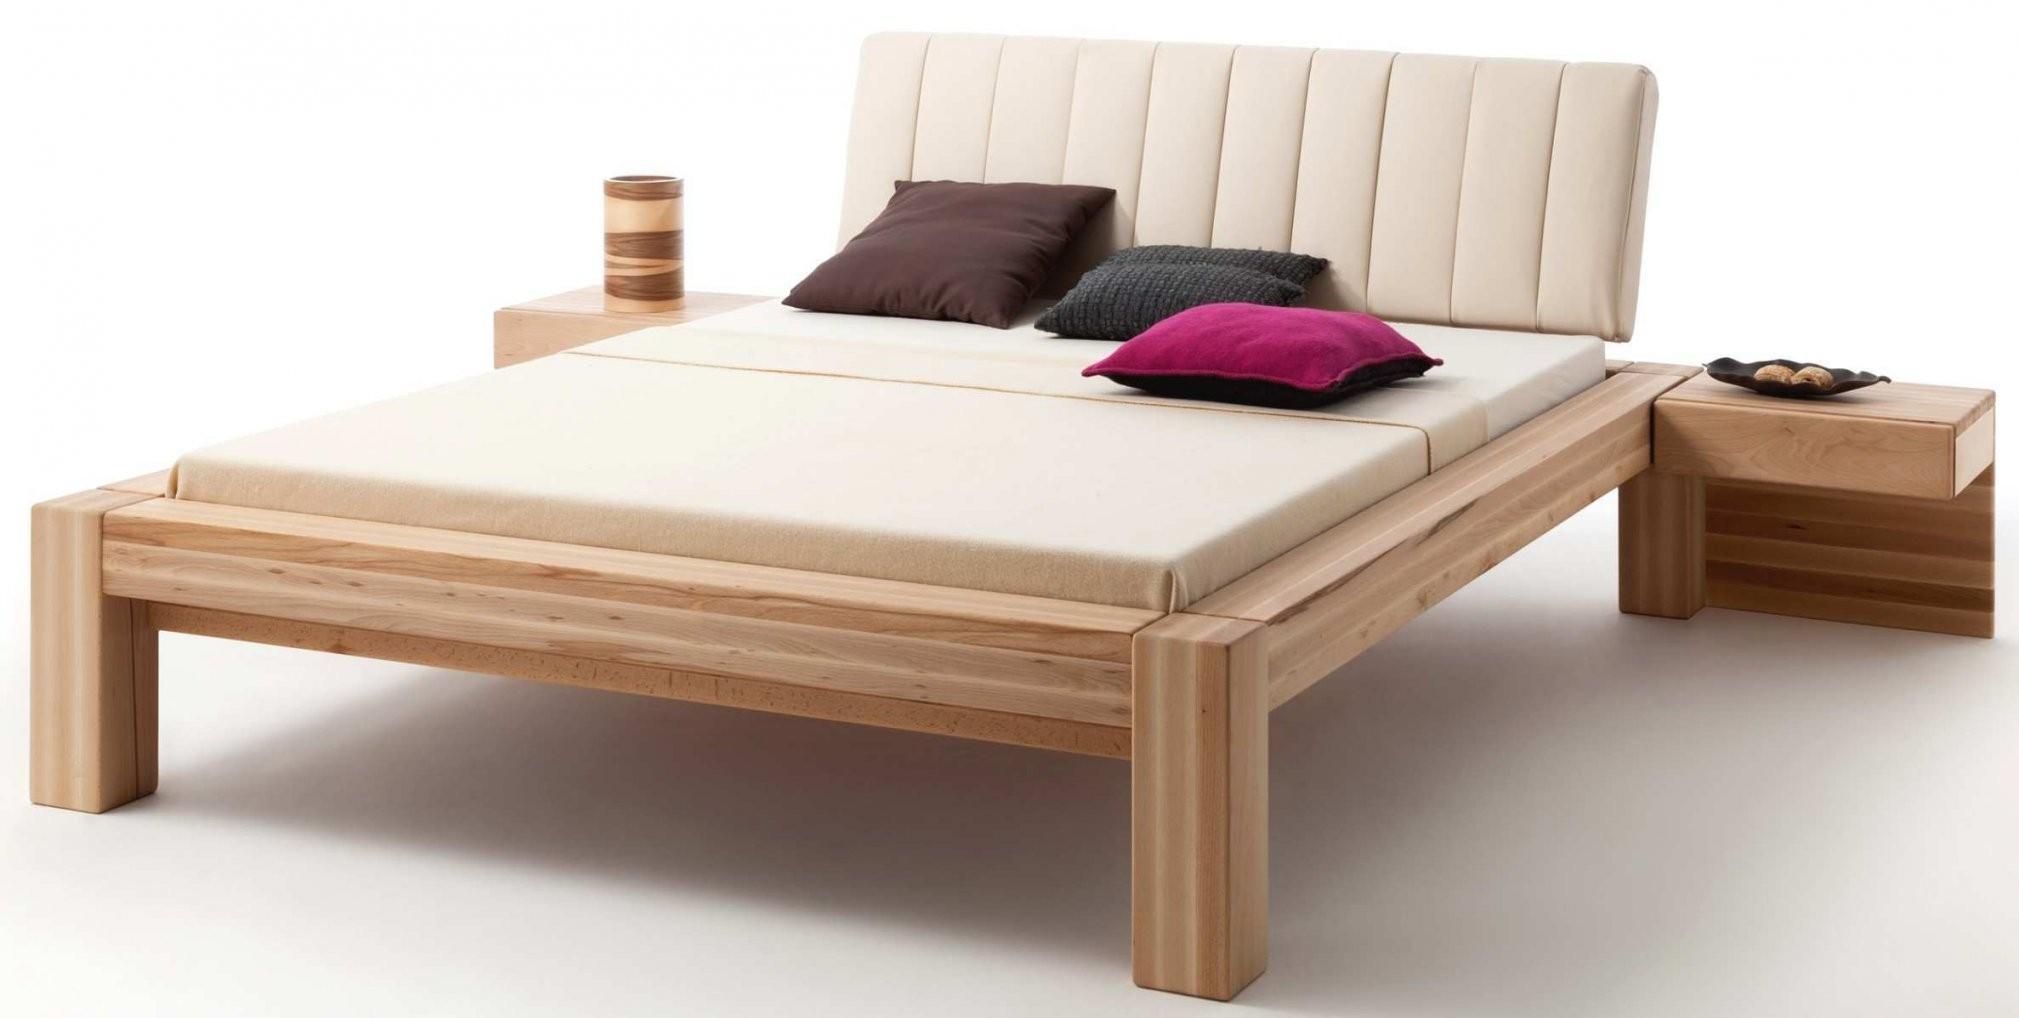 Bett 120×200 Poco Aufregend Herrlich Betten 120—200 Bettgestell von Bett 120X200 Poco Bild